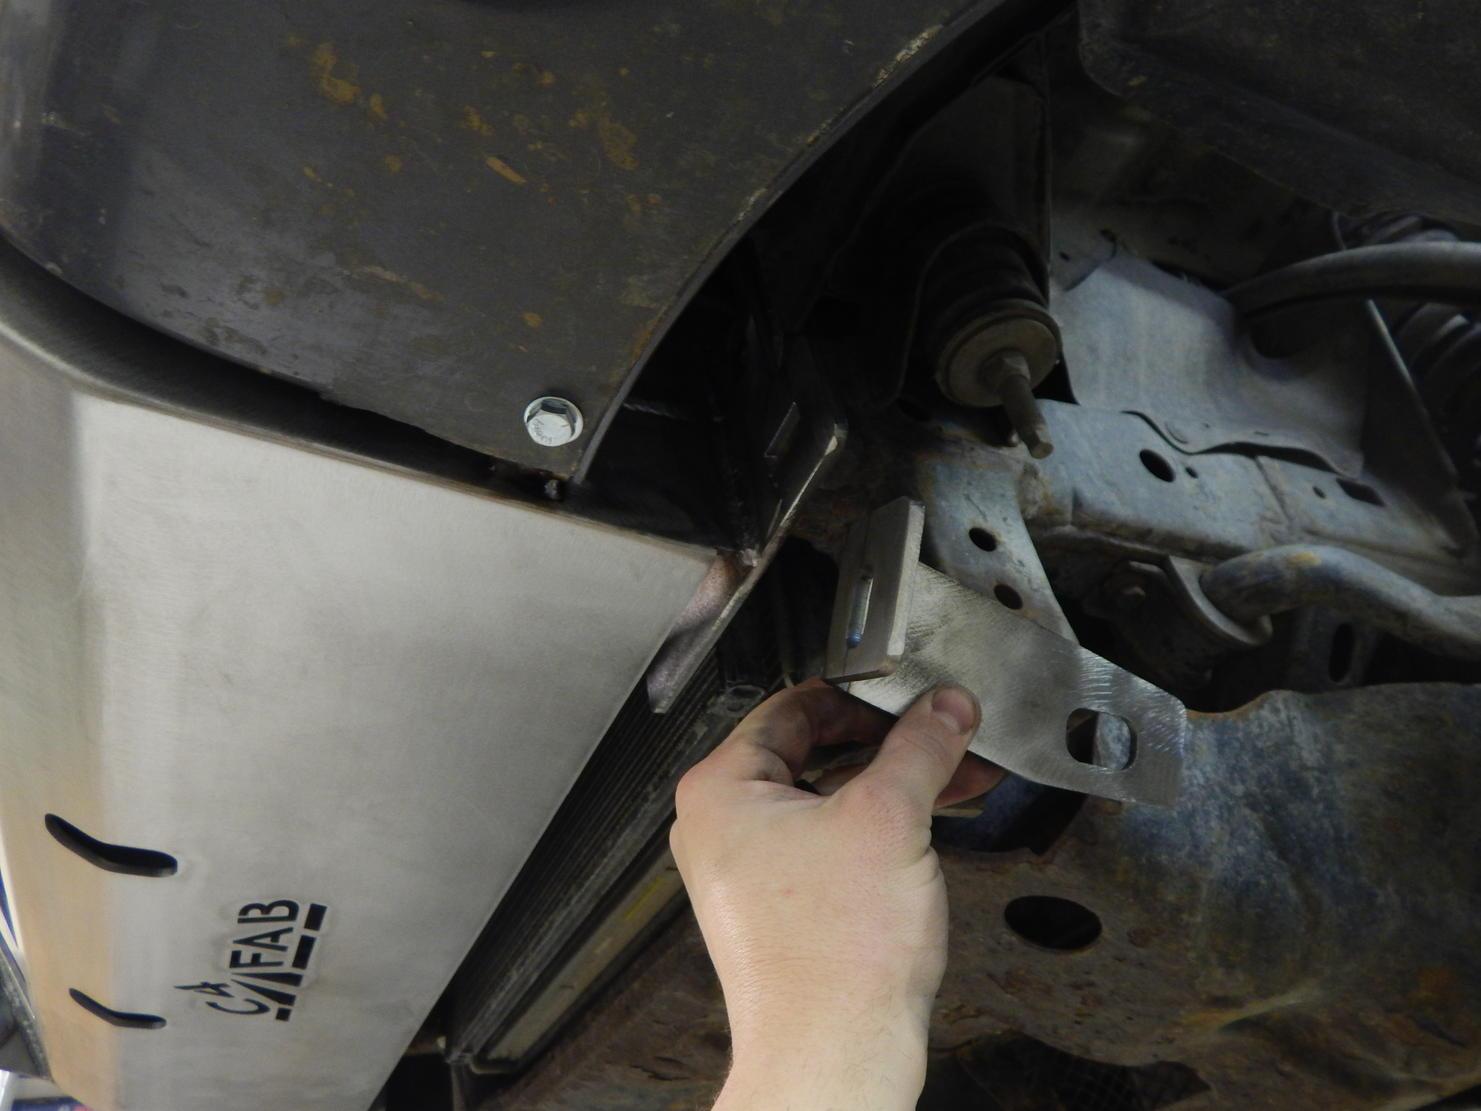 C4 FAB early 4th gen (03-05) Lo-Pro winch bumper install guide.-dscn4472-jpg